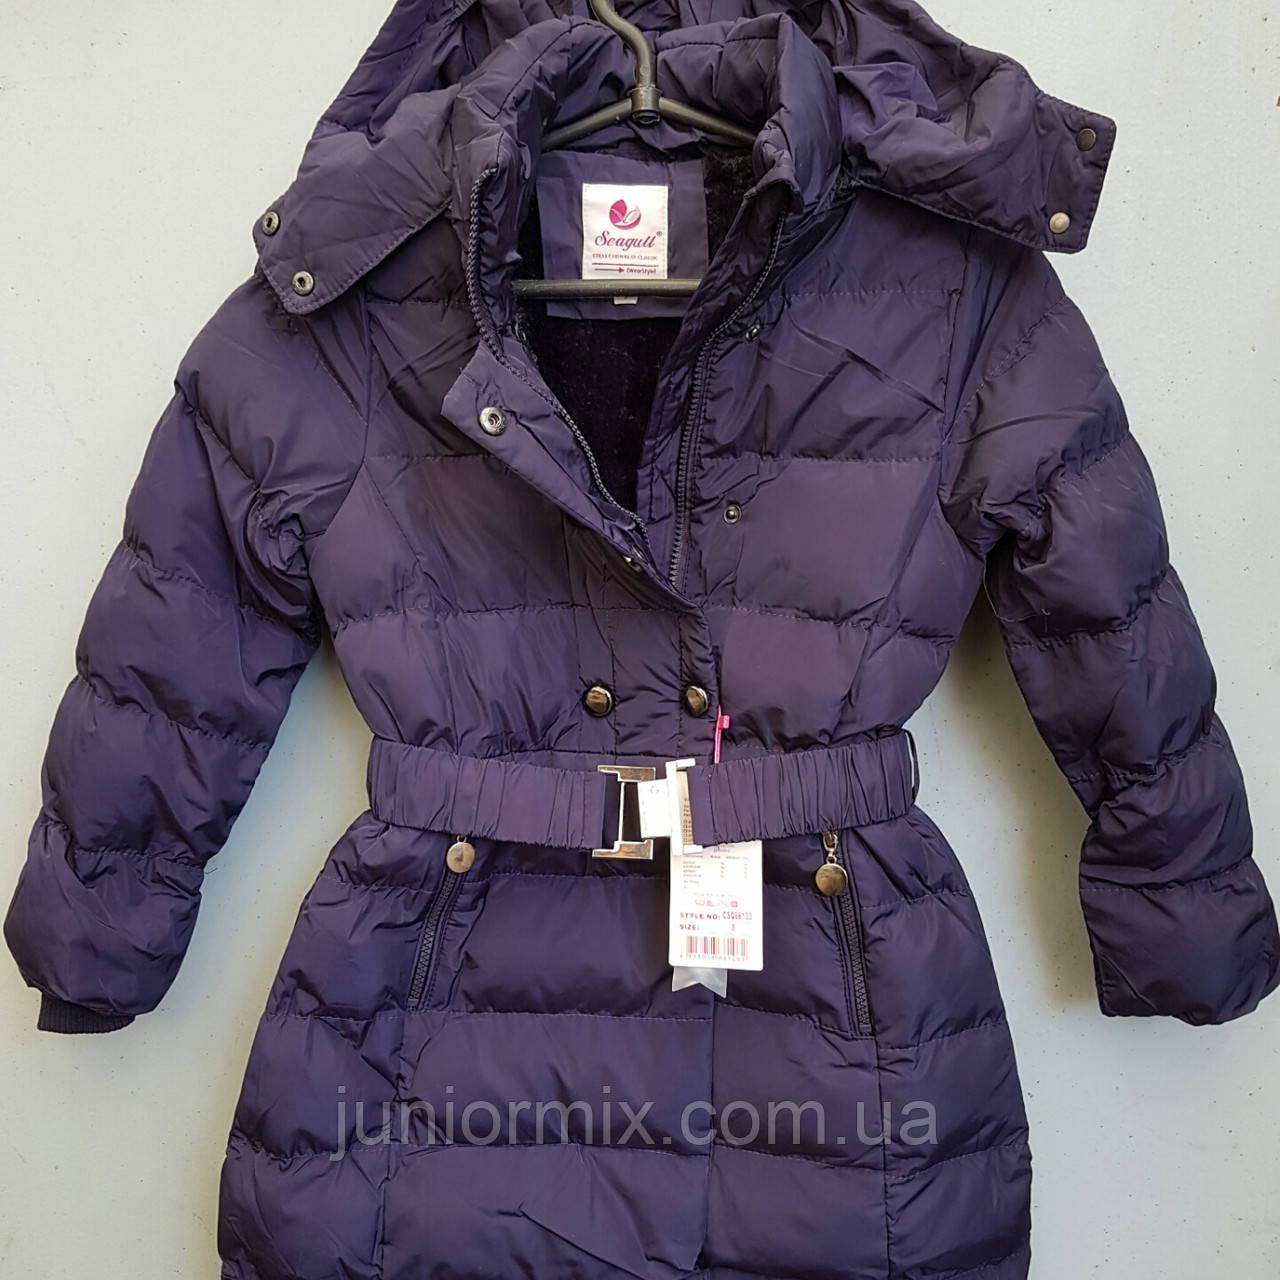 7871d8e219cf Купить Куртка зимняя на девочку подростоковая на кнопках и поясе SEAGULL. в  ...